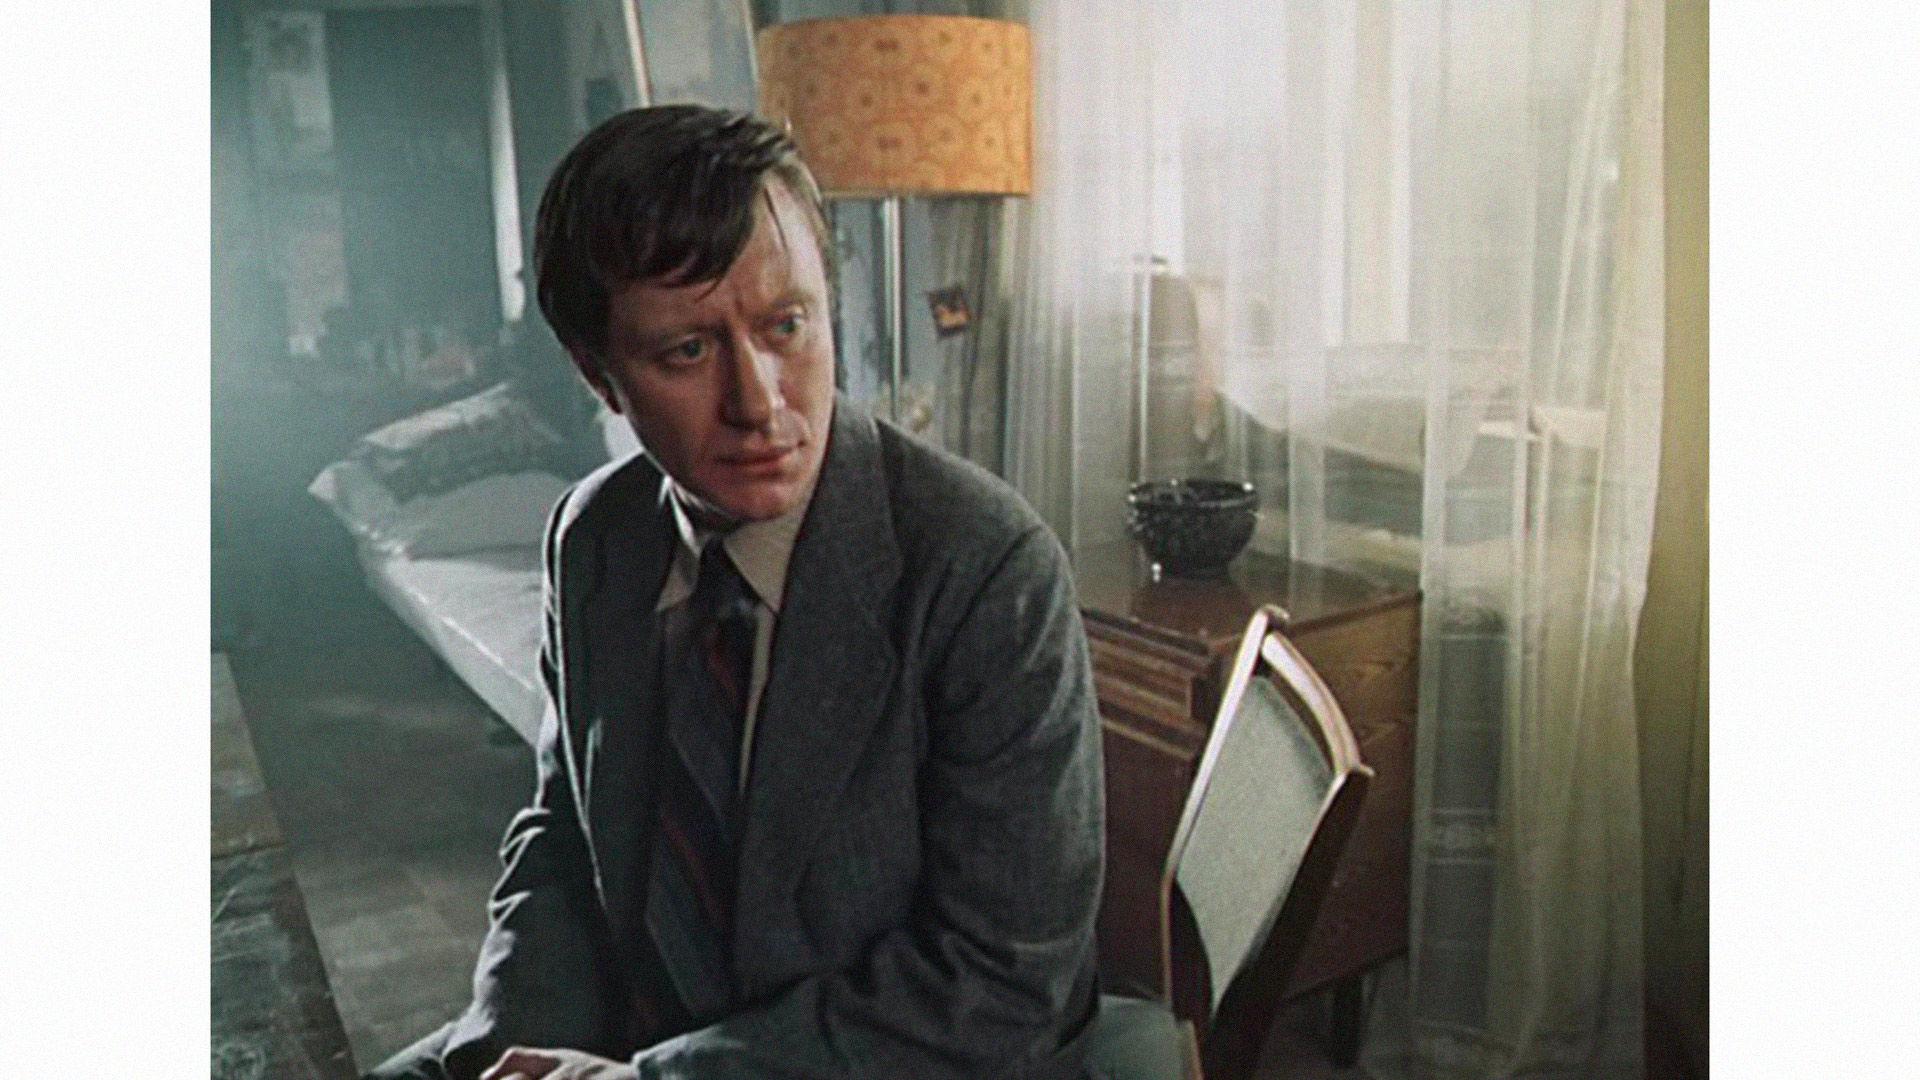 Фото: © скриншот кадра фильма «Фантазии Фарятьева»